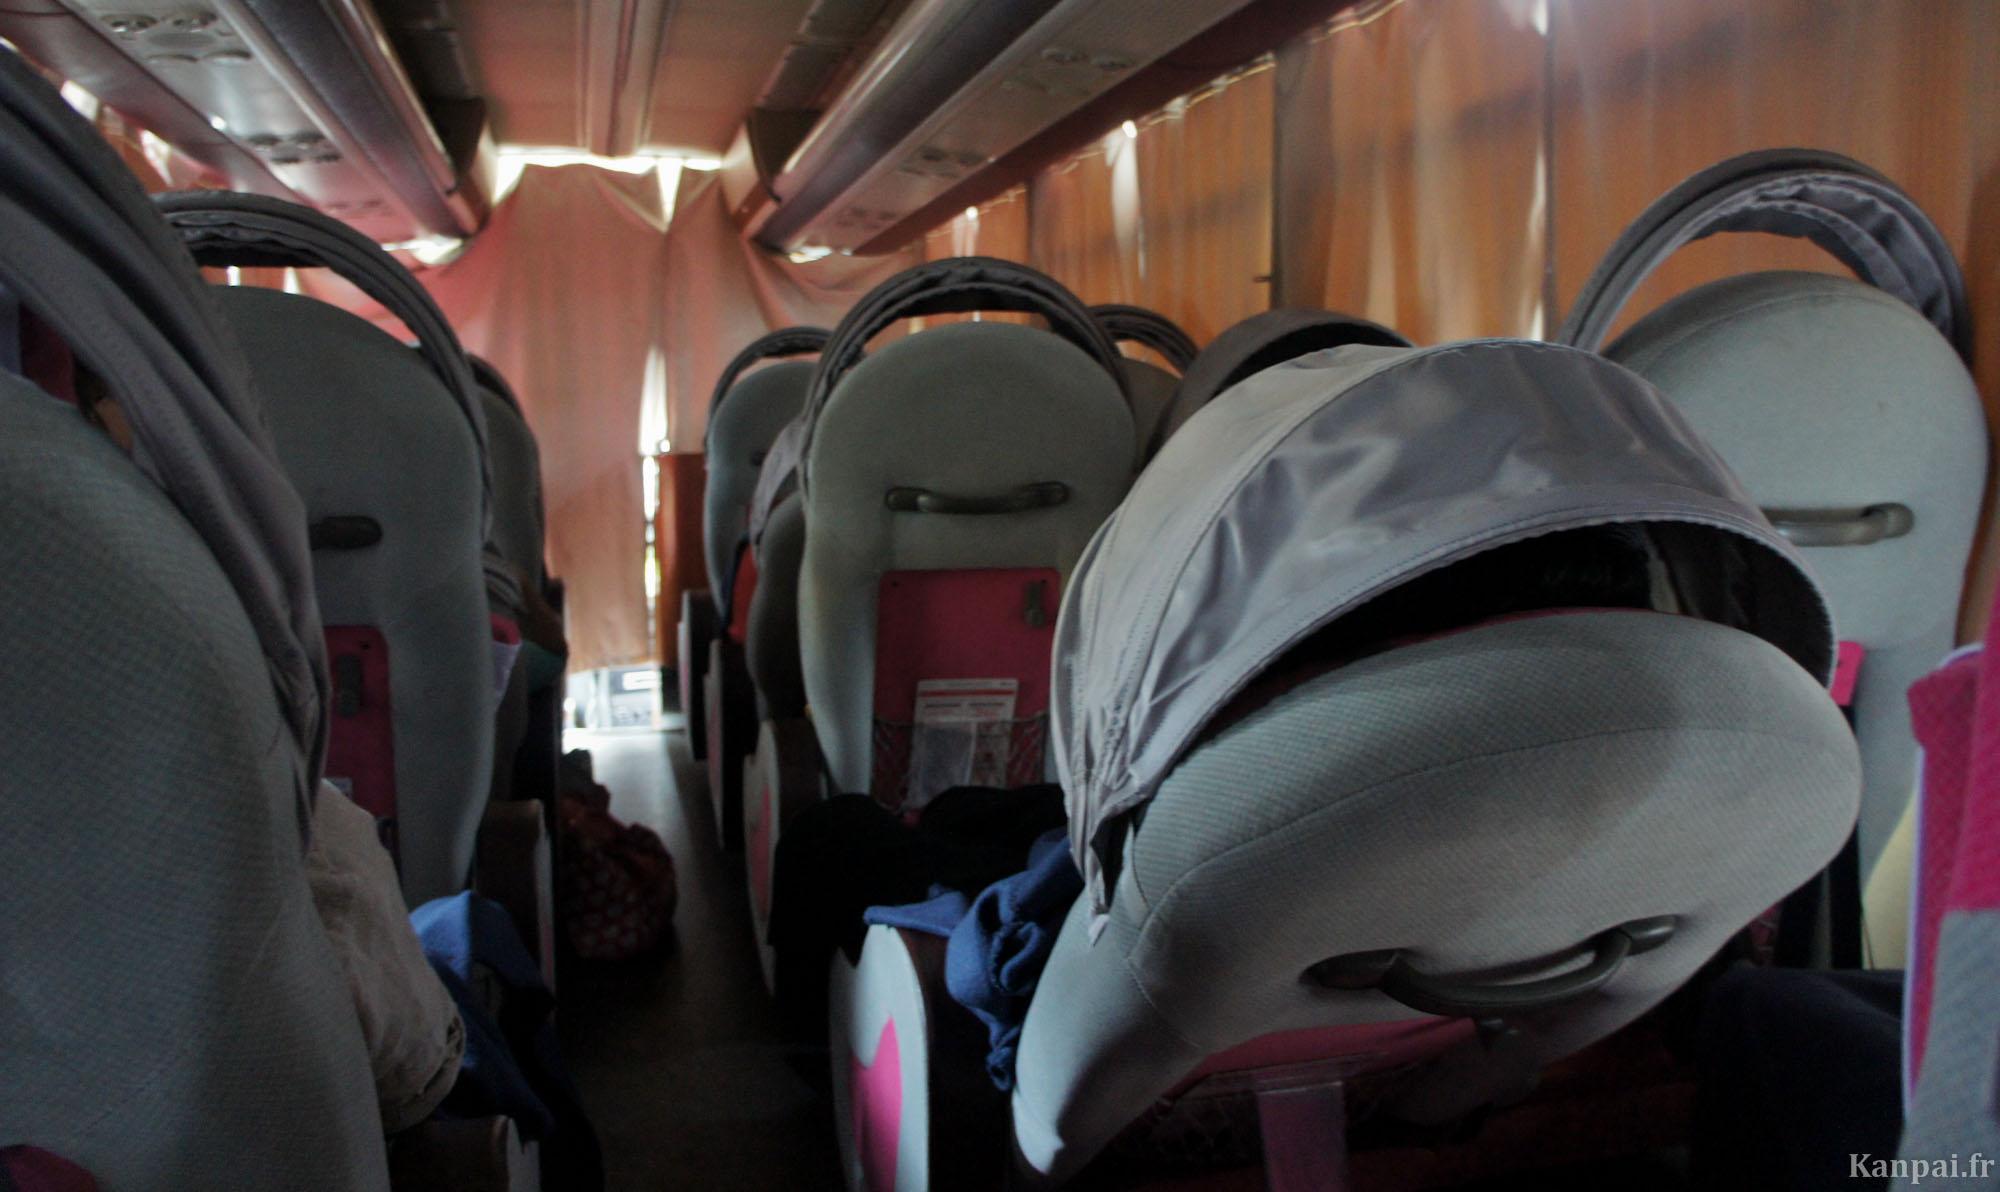 Prendre le bus de nuit au japon for Ouibus interieur